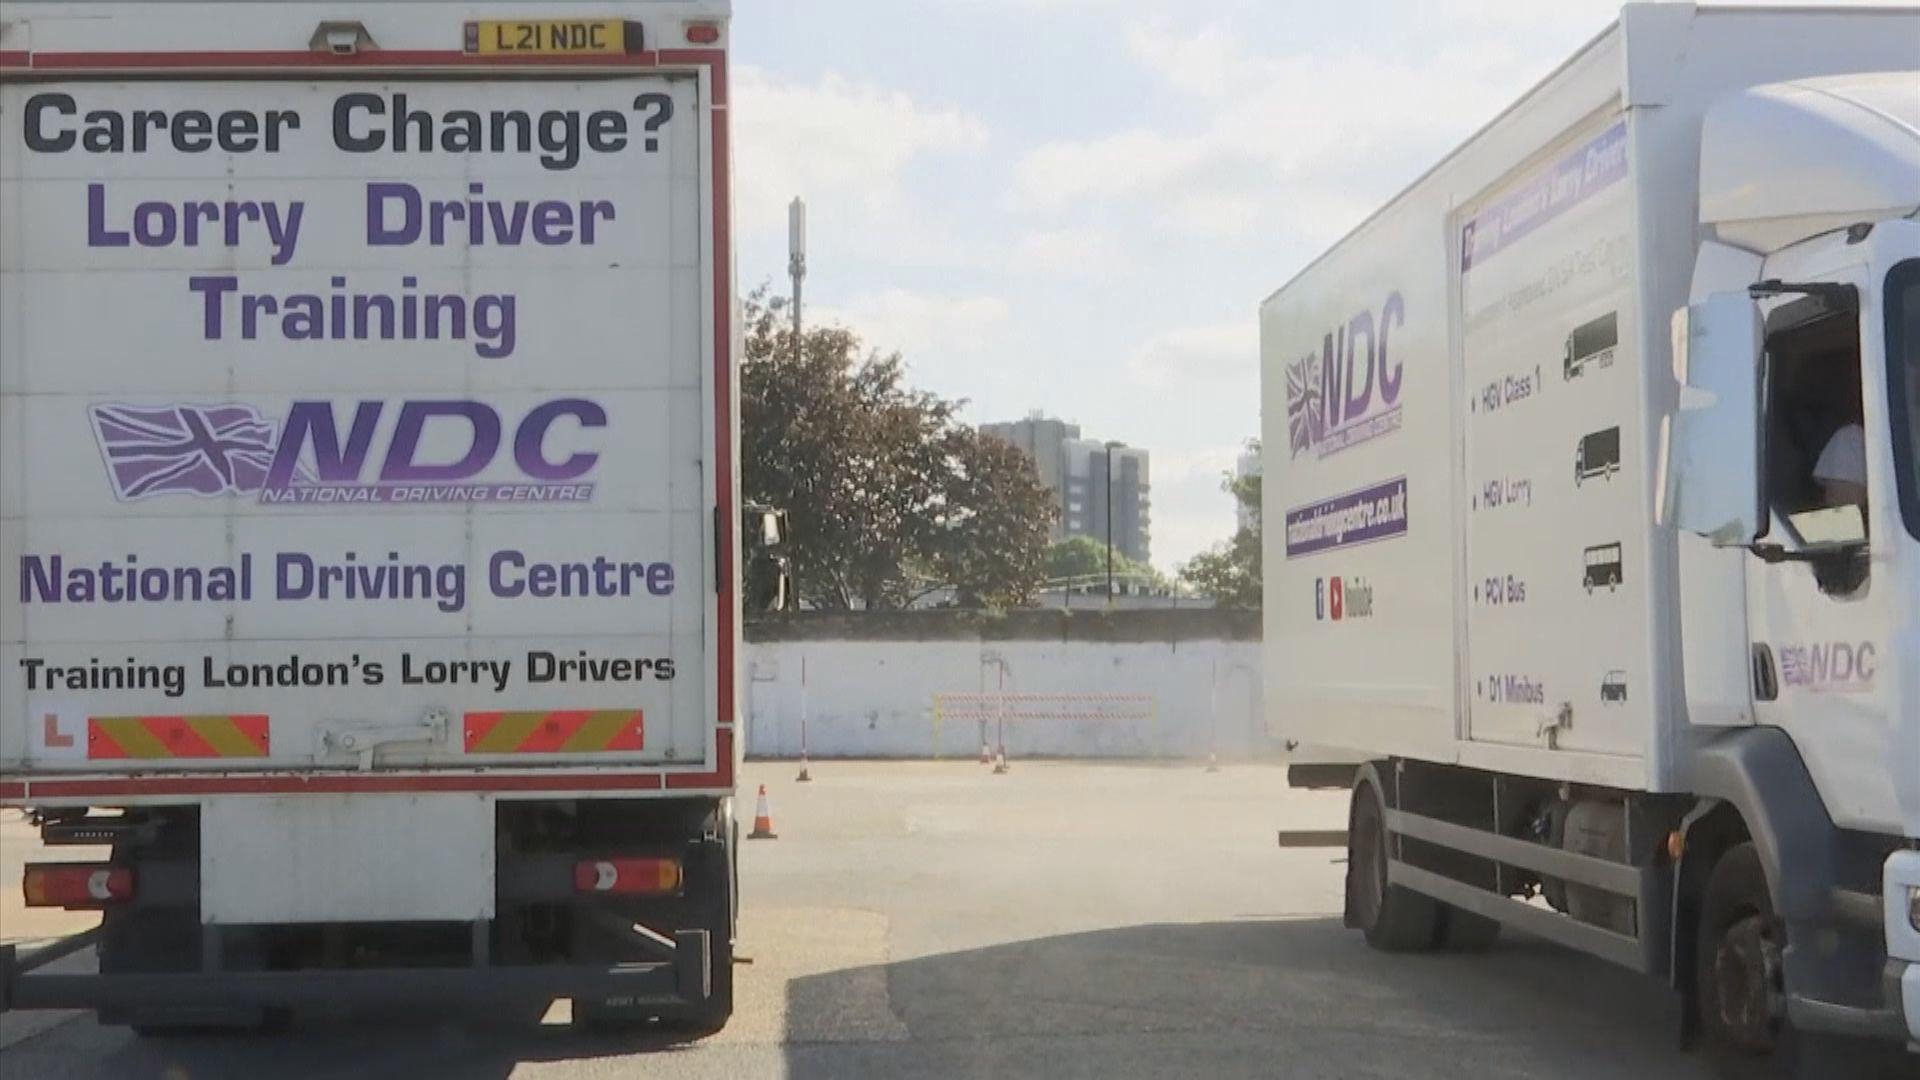 英國鬧貨車司機荒 影響燃油供應